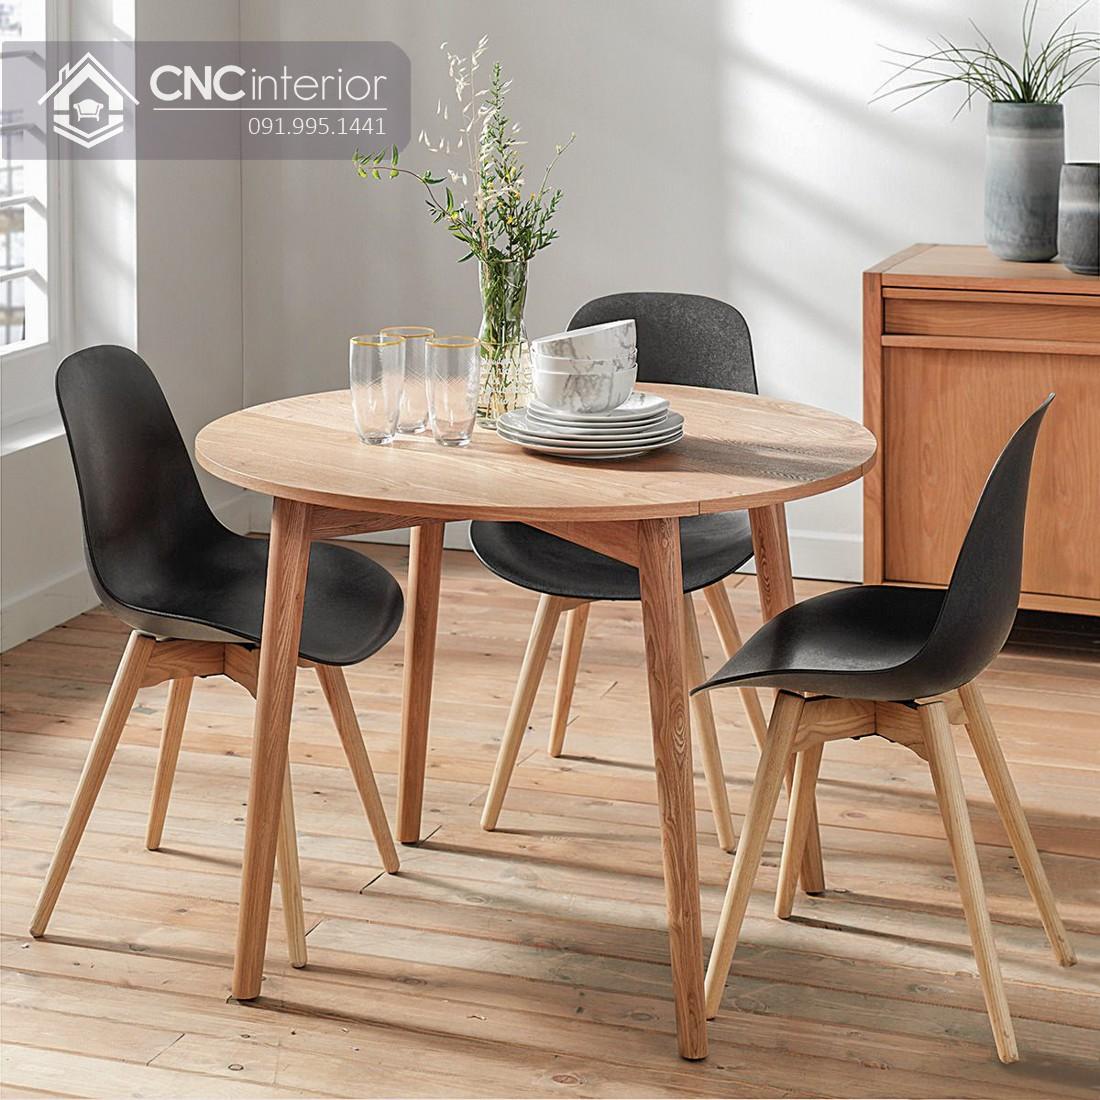 Bộ bàn ăn đẹp CNC 52